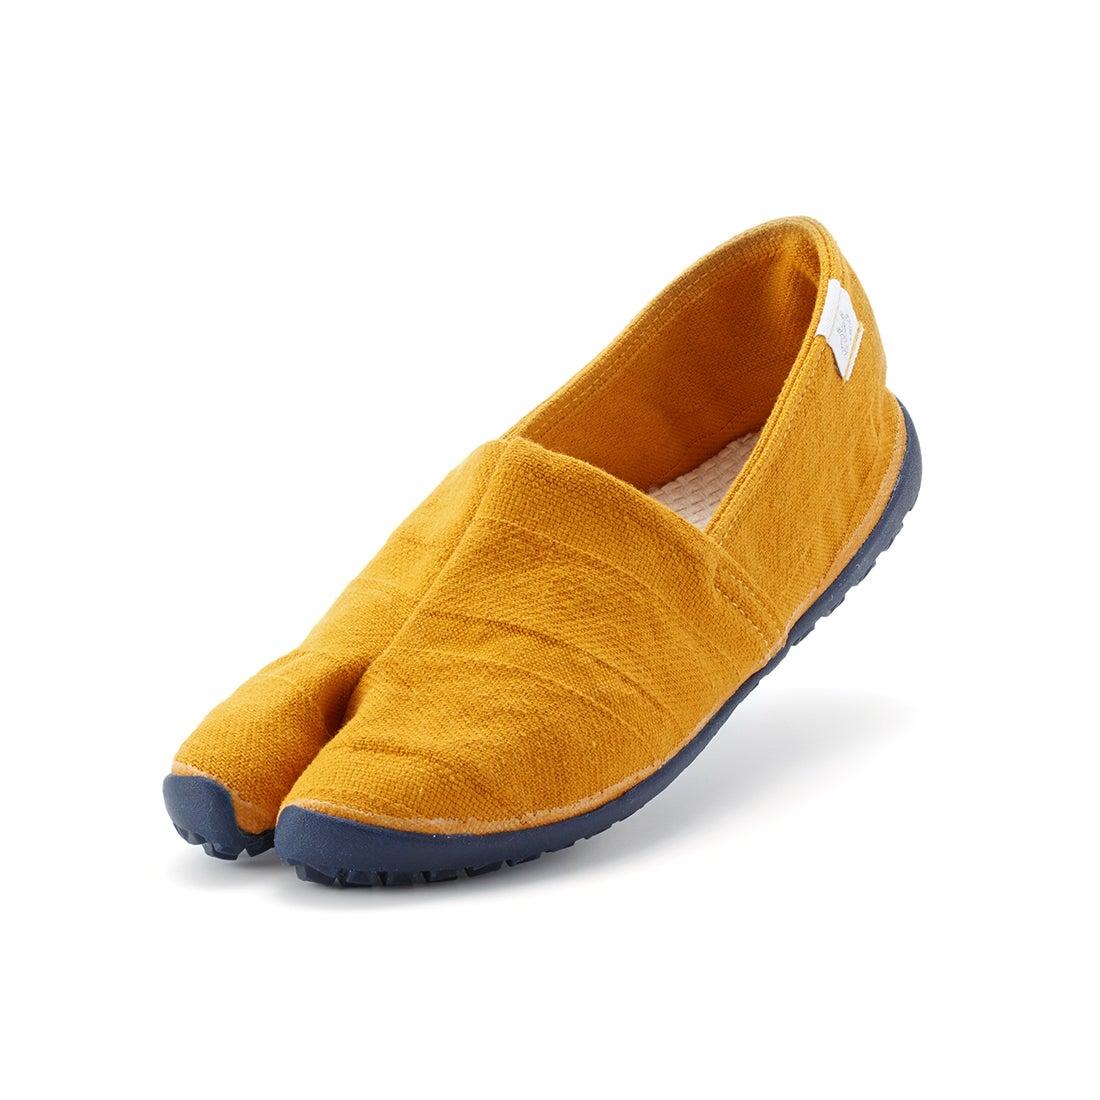 タビリラ たびりら [TBR-001] 足袋型コンフォート・シューズ たびりら (月) レディース メンズ